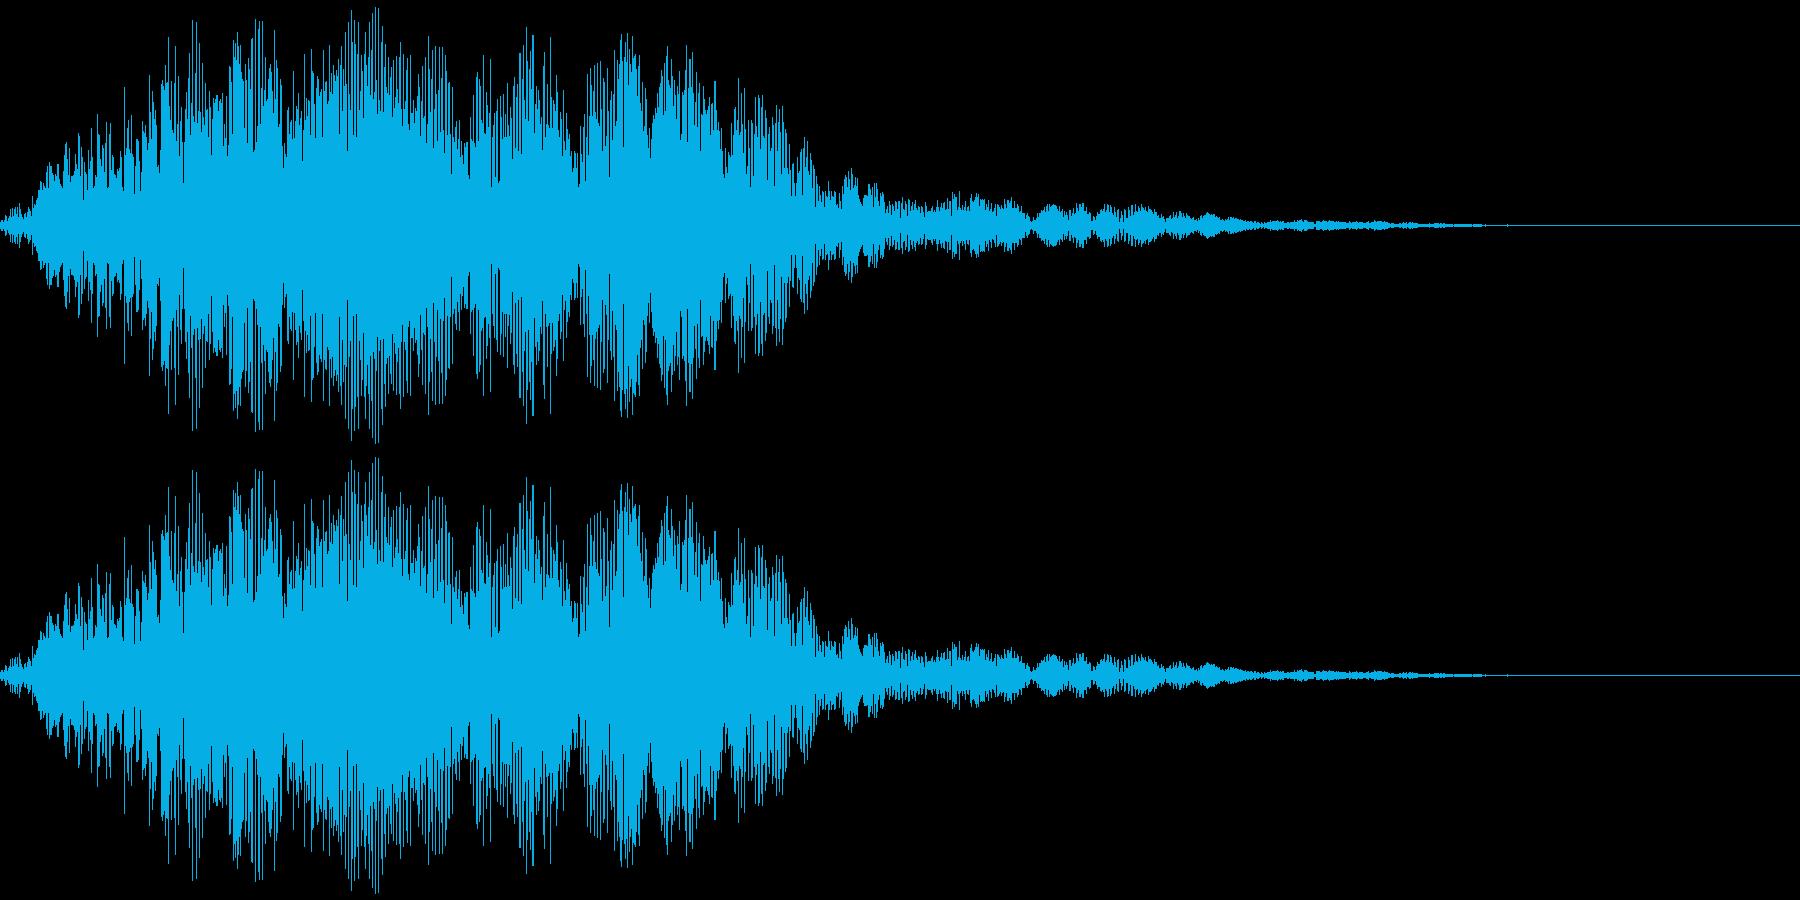 ヲォーーー(合唱風)の再生済みの波形